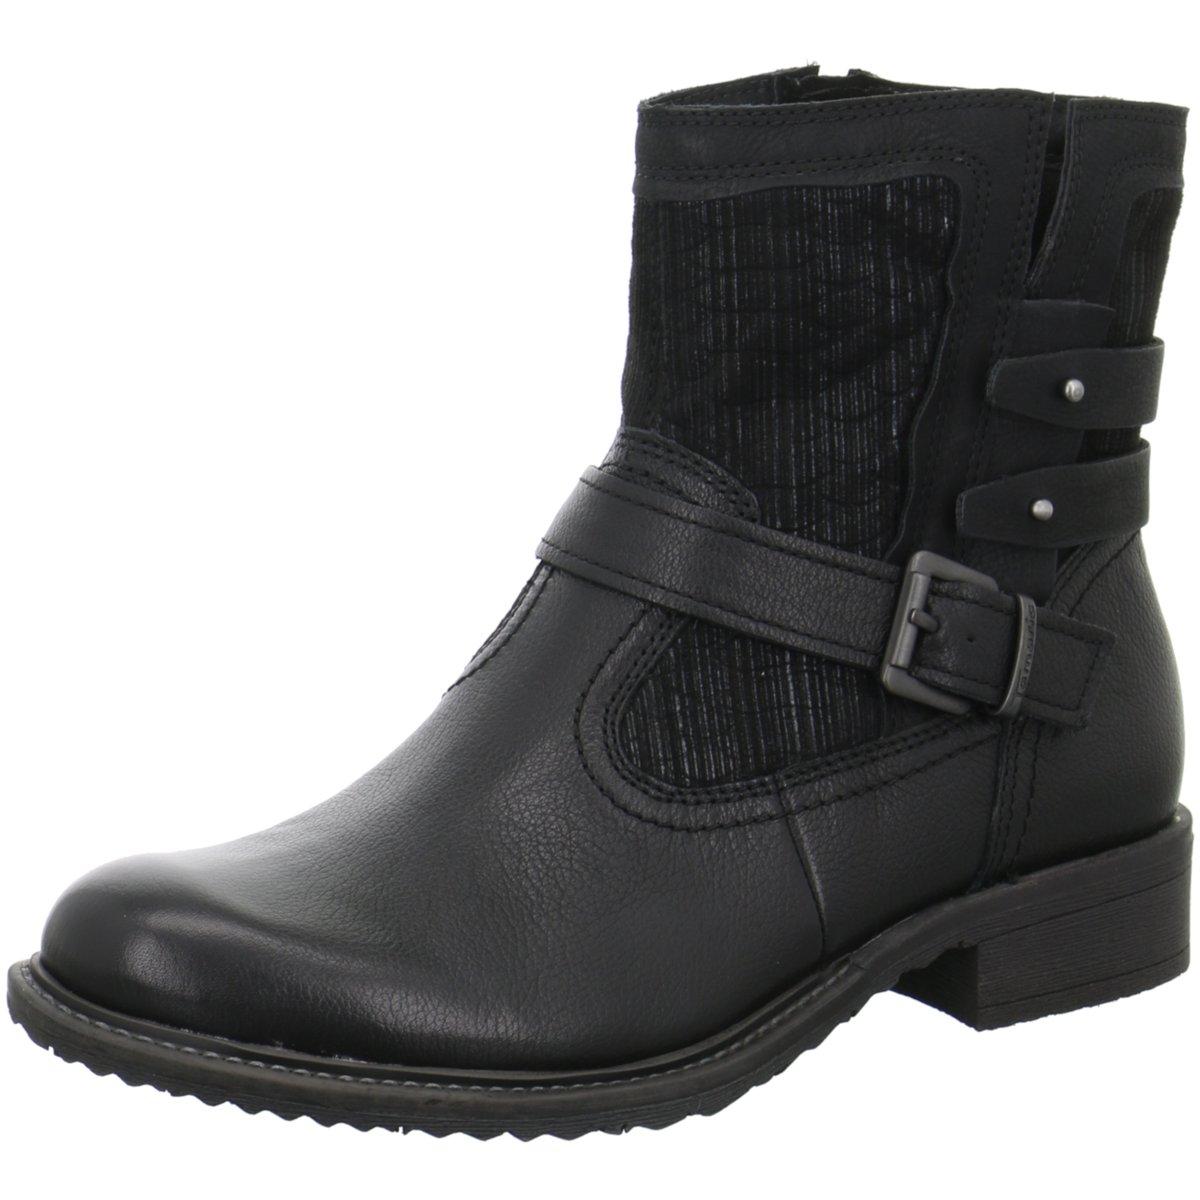 Tamaris Damen Stiefeletten Da.-Stiefel 1-1-25436-29 001 schwarz schwarz schwarz 340969  am billigsten